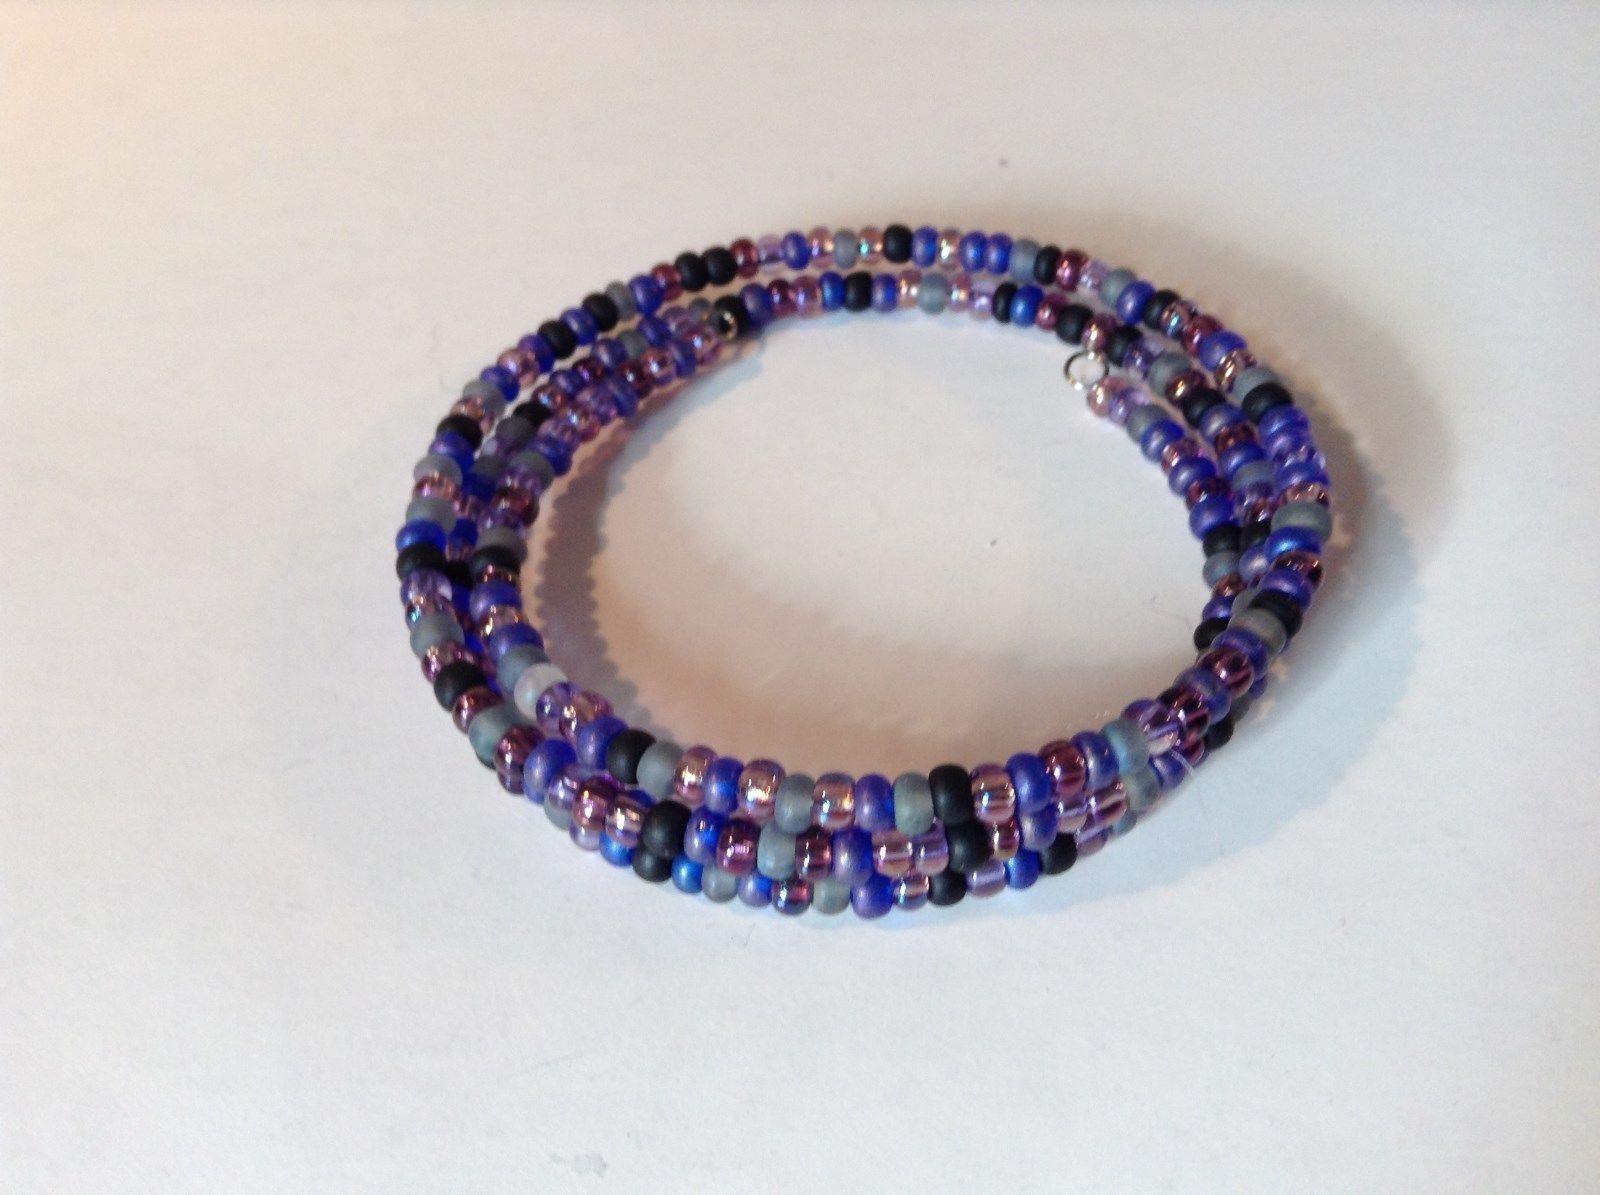 Violet Black Gray Beaded Coil Adjustable Bracelet